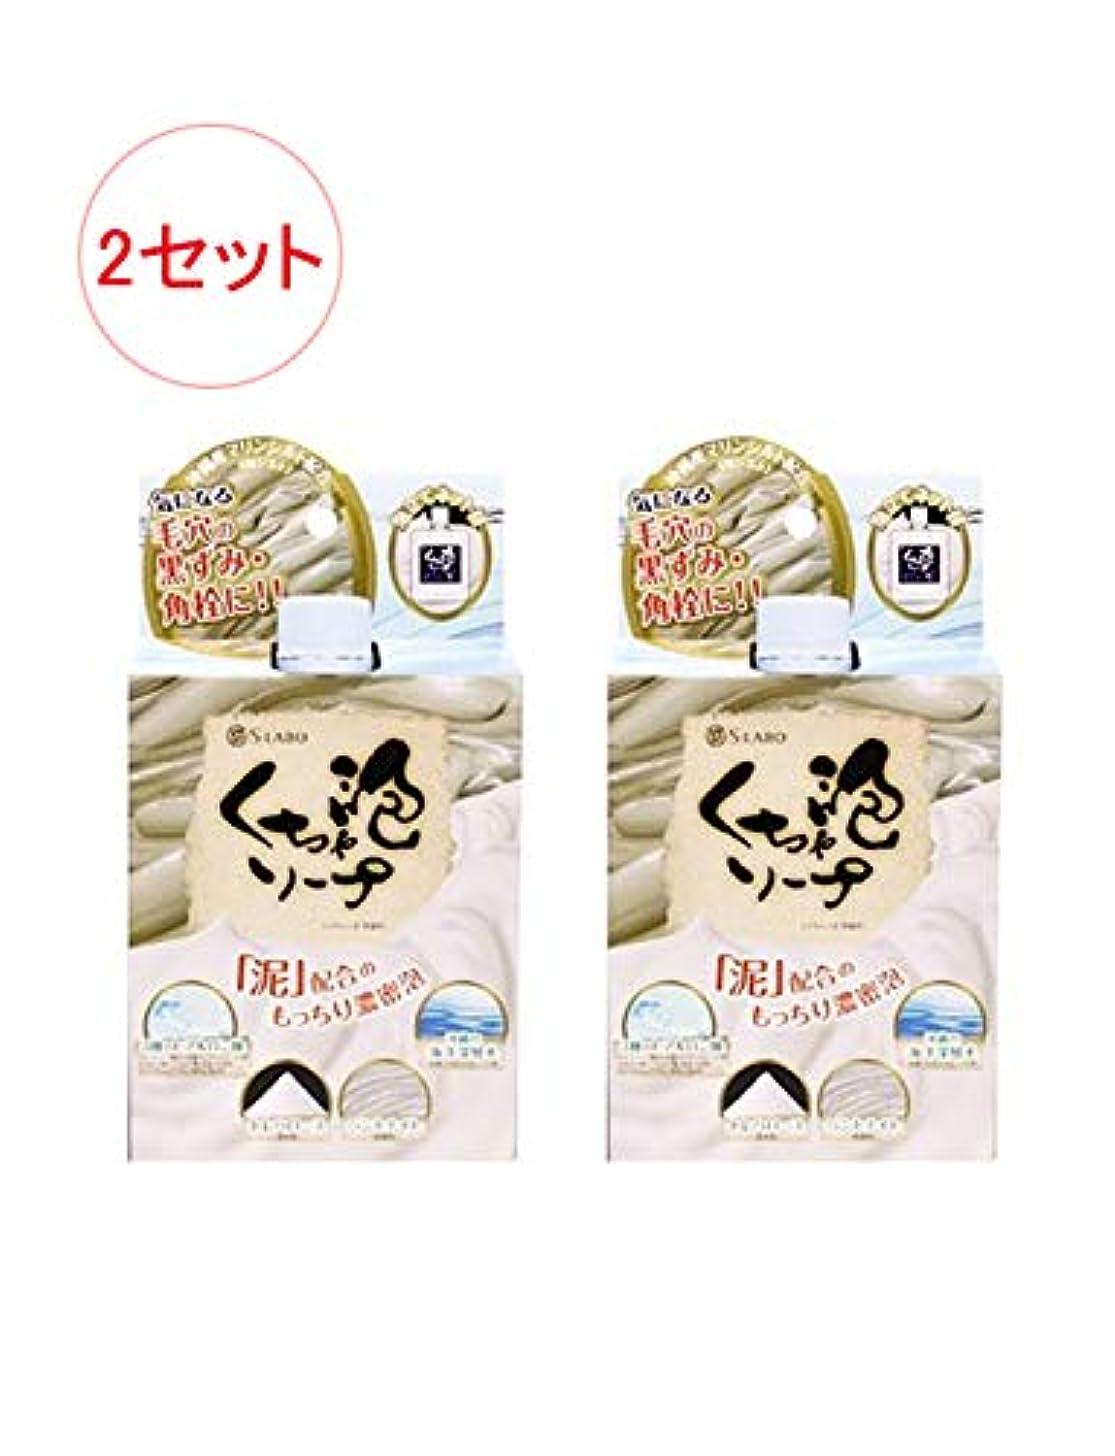 不正許すピービッシュ日本製 モコモコくちゃ泡ソープ 100g x 2セット